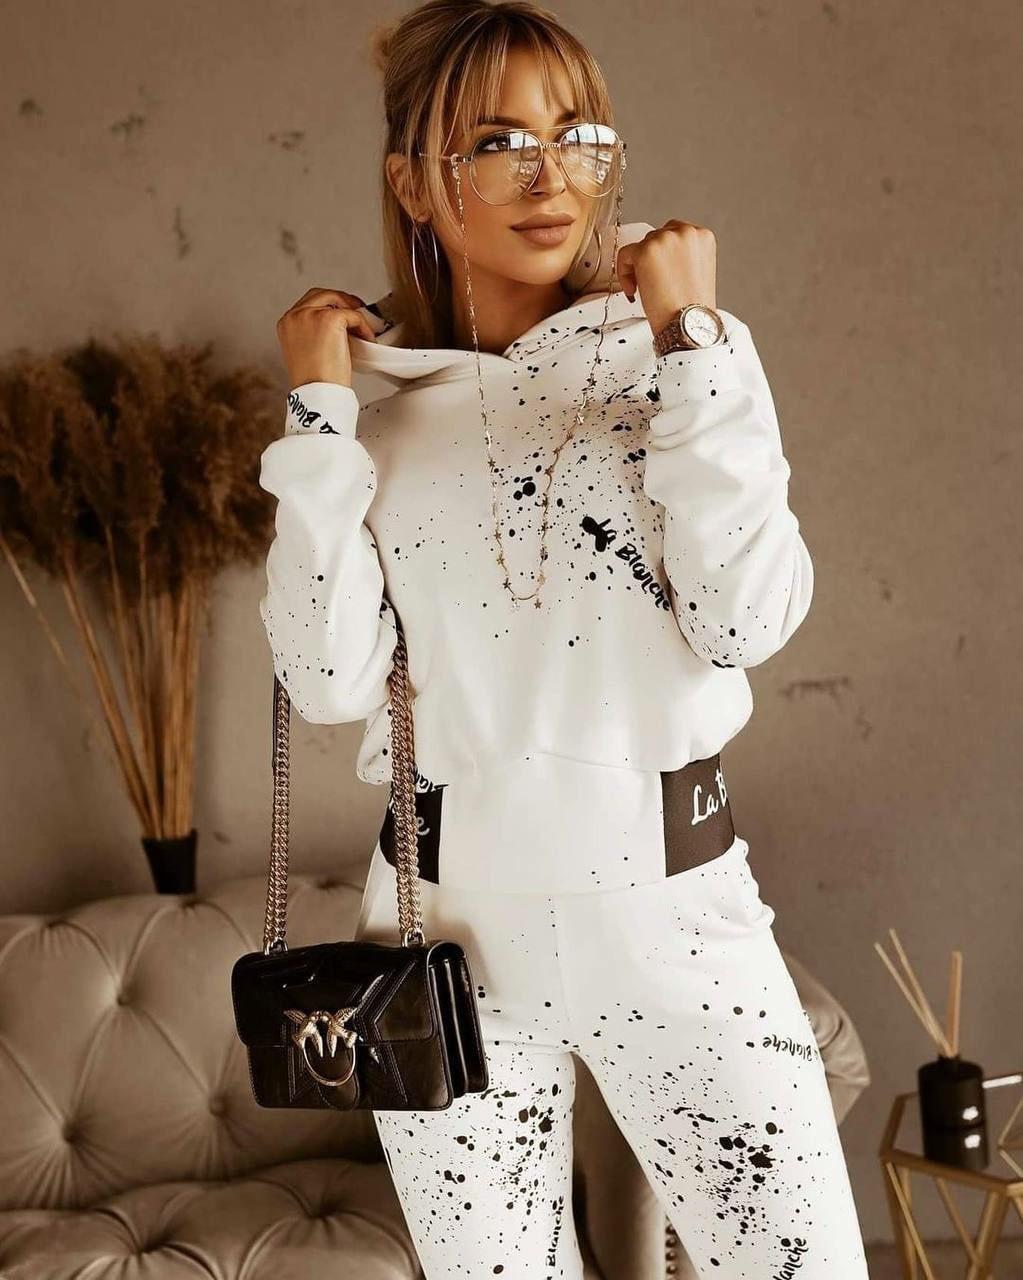 Брючеый костюм з принтом на брюках і кофті в молочному кольорі з капюшоном прогулянковий (р. S - XL) 53ks1671